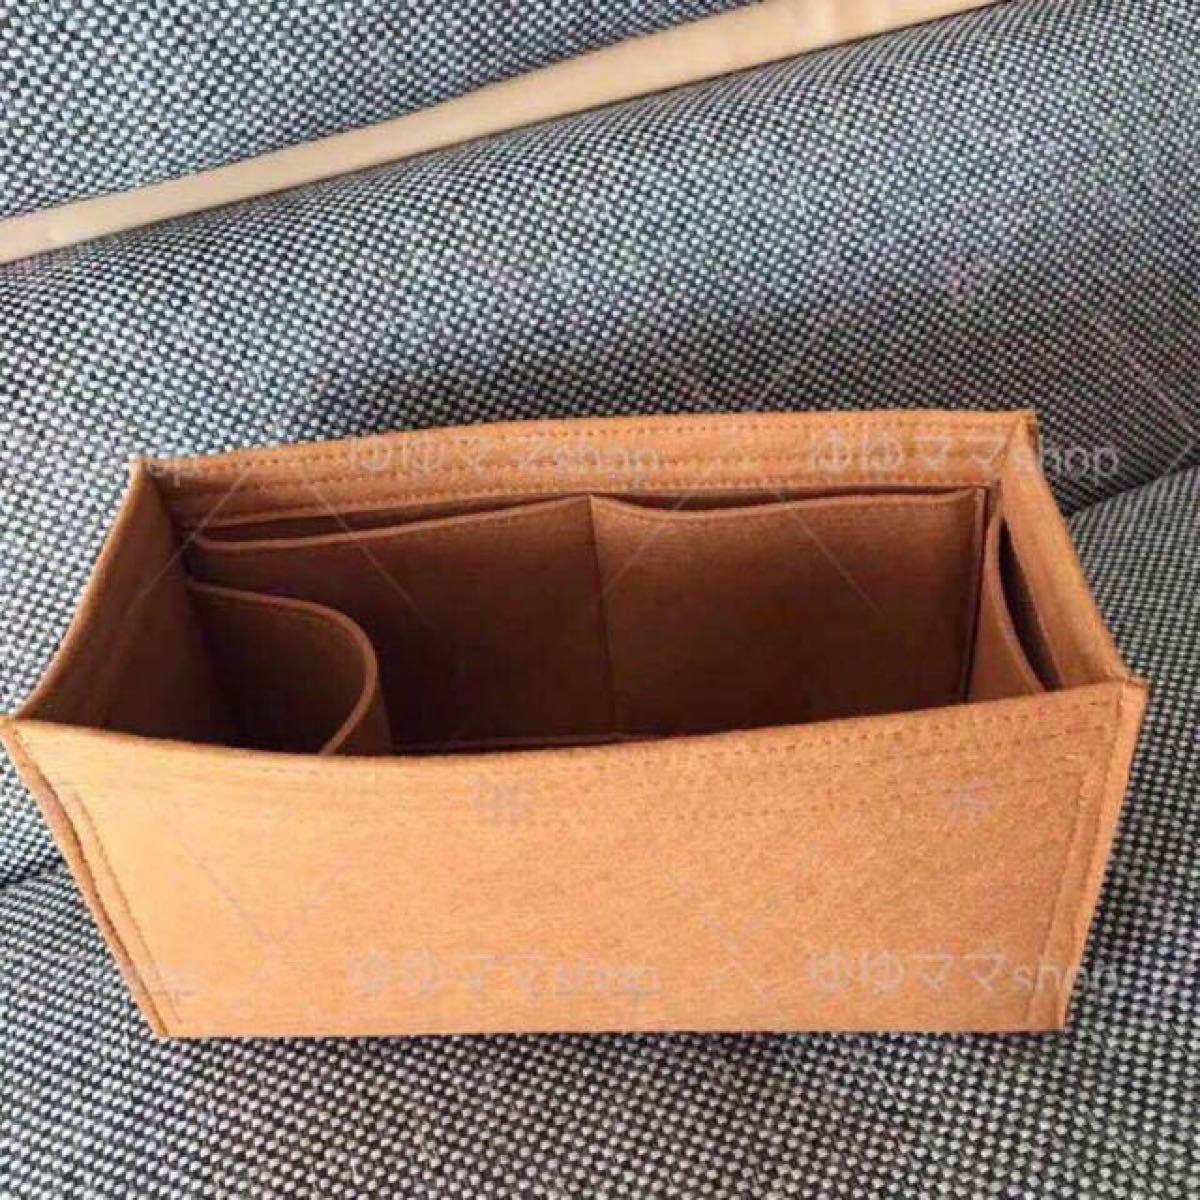 新品バッグインバッグ インナーバッグ ゴールド 35cm